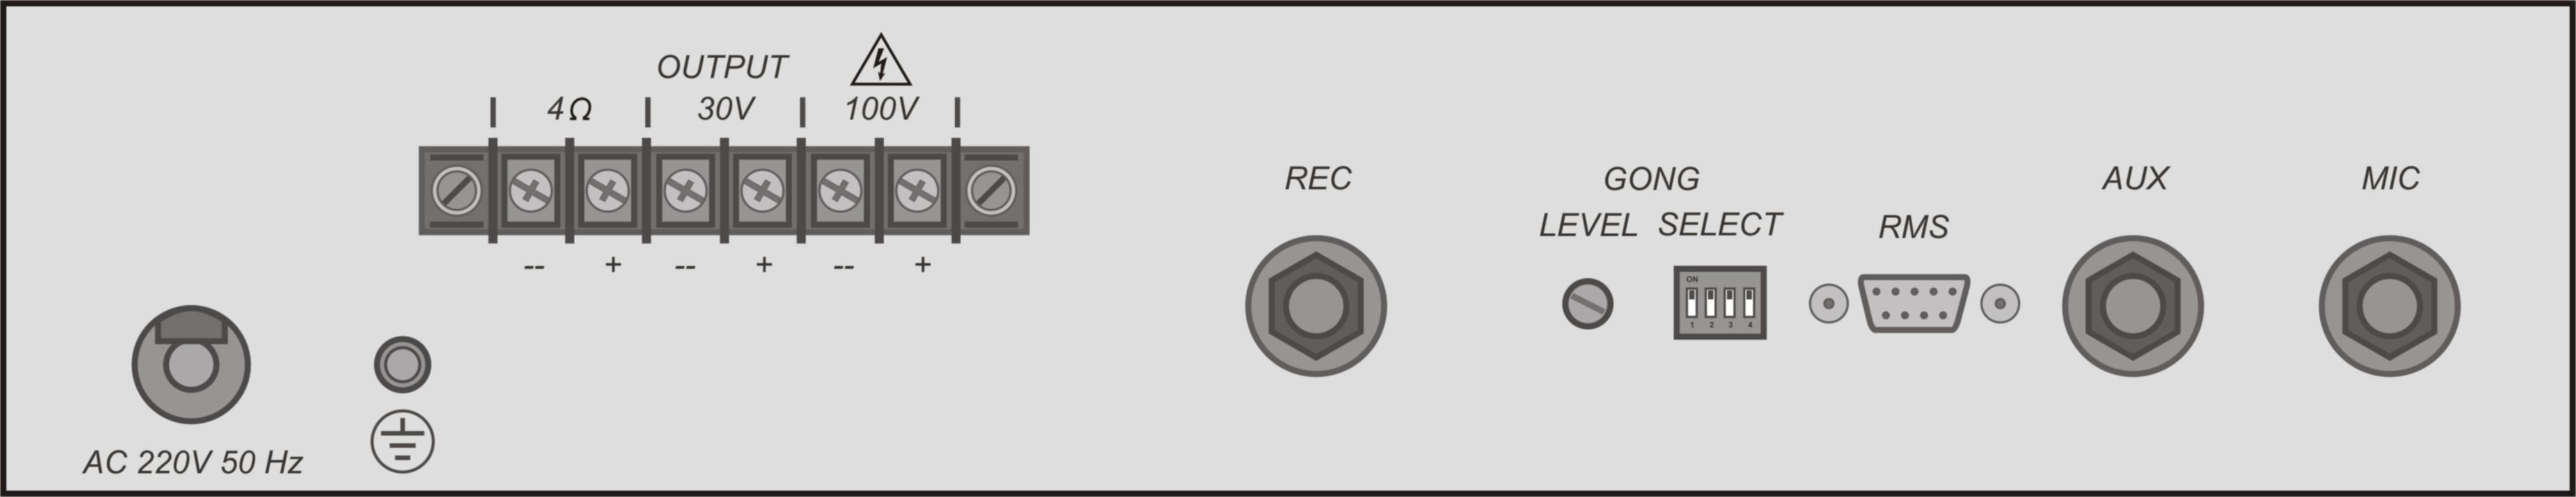 Усилитель-микшер 80ПП022М задняя панель